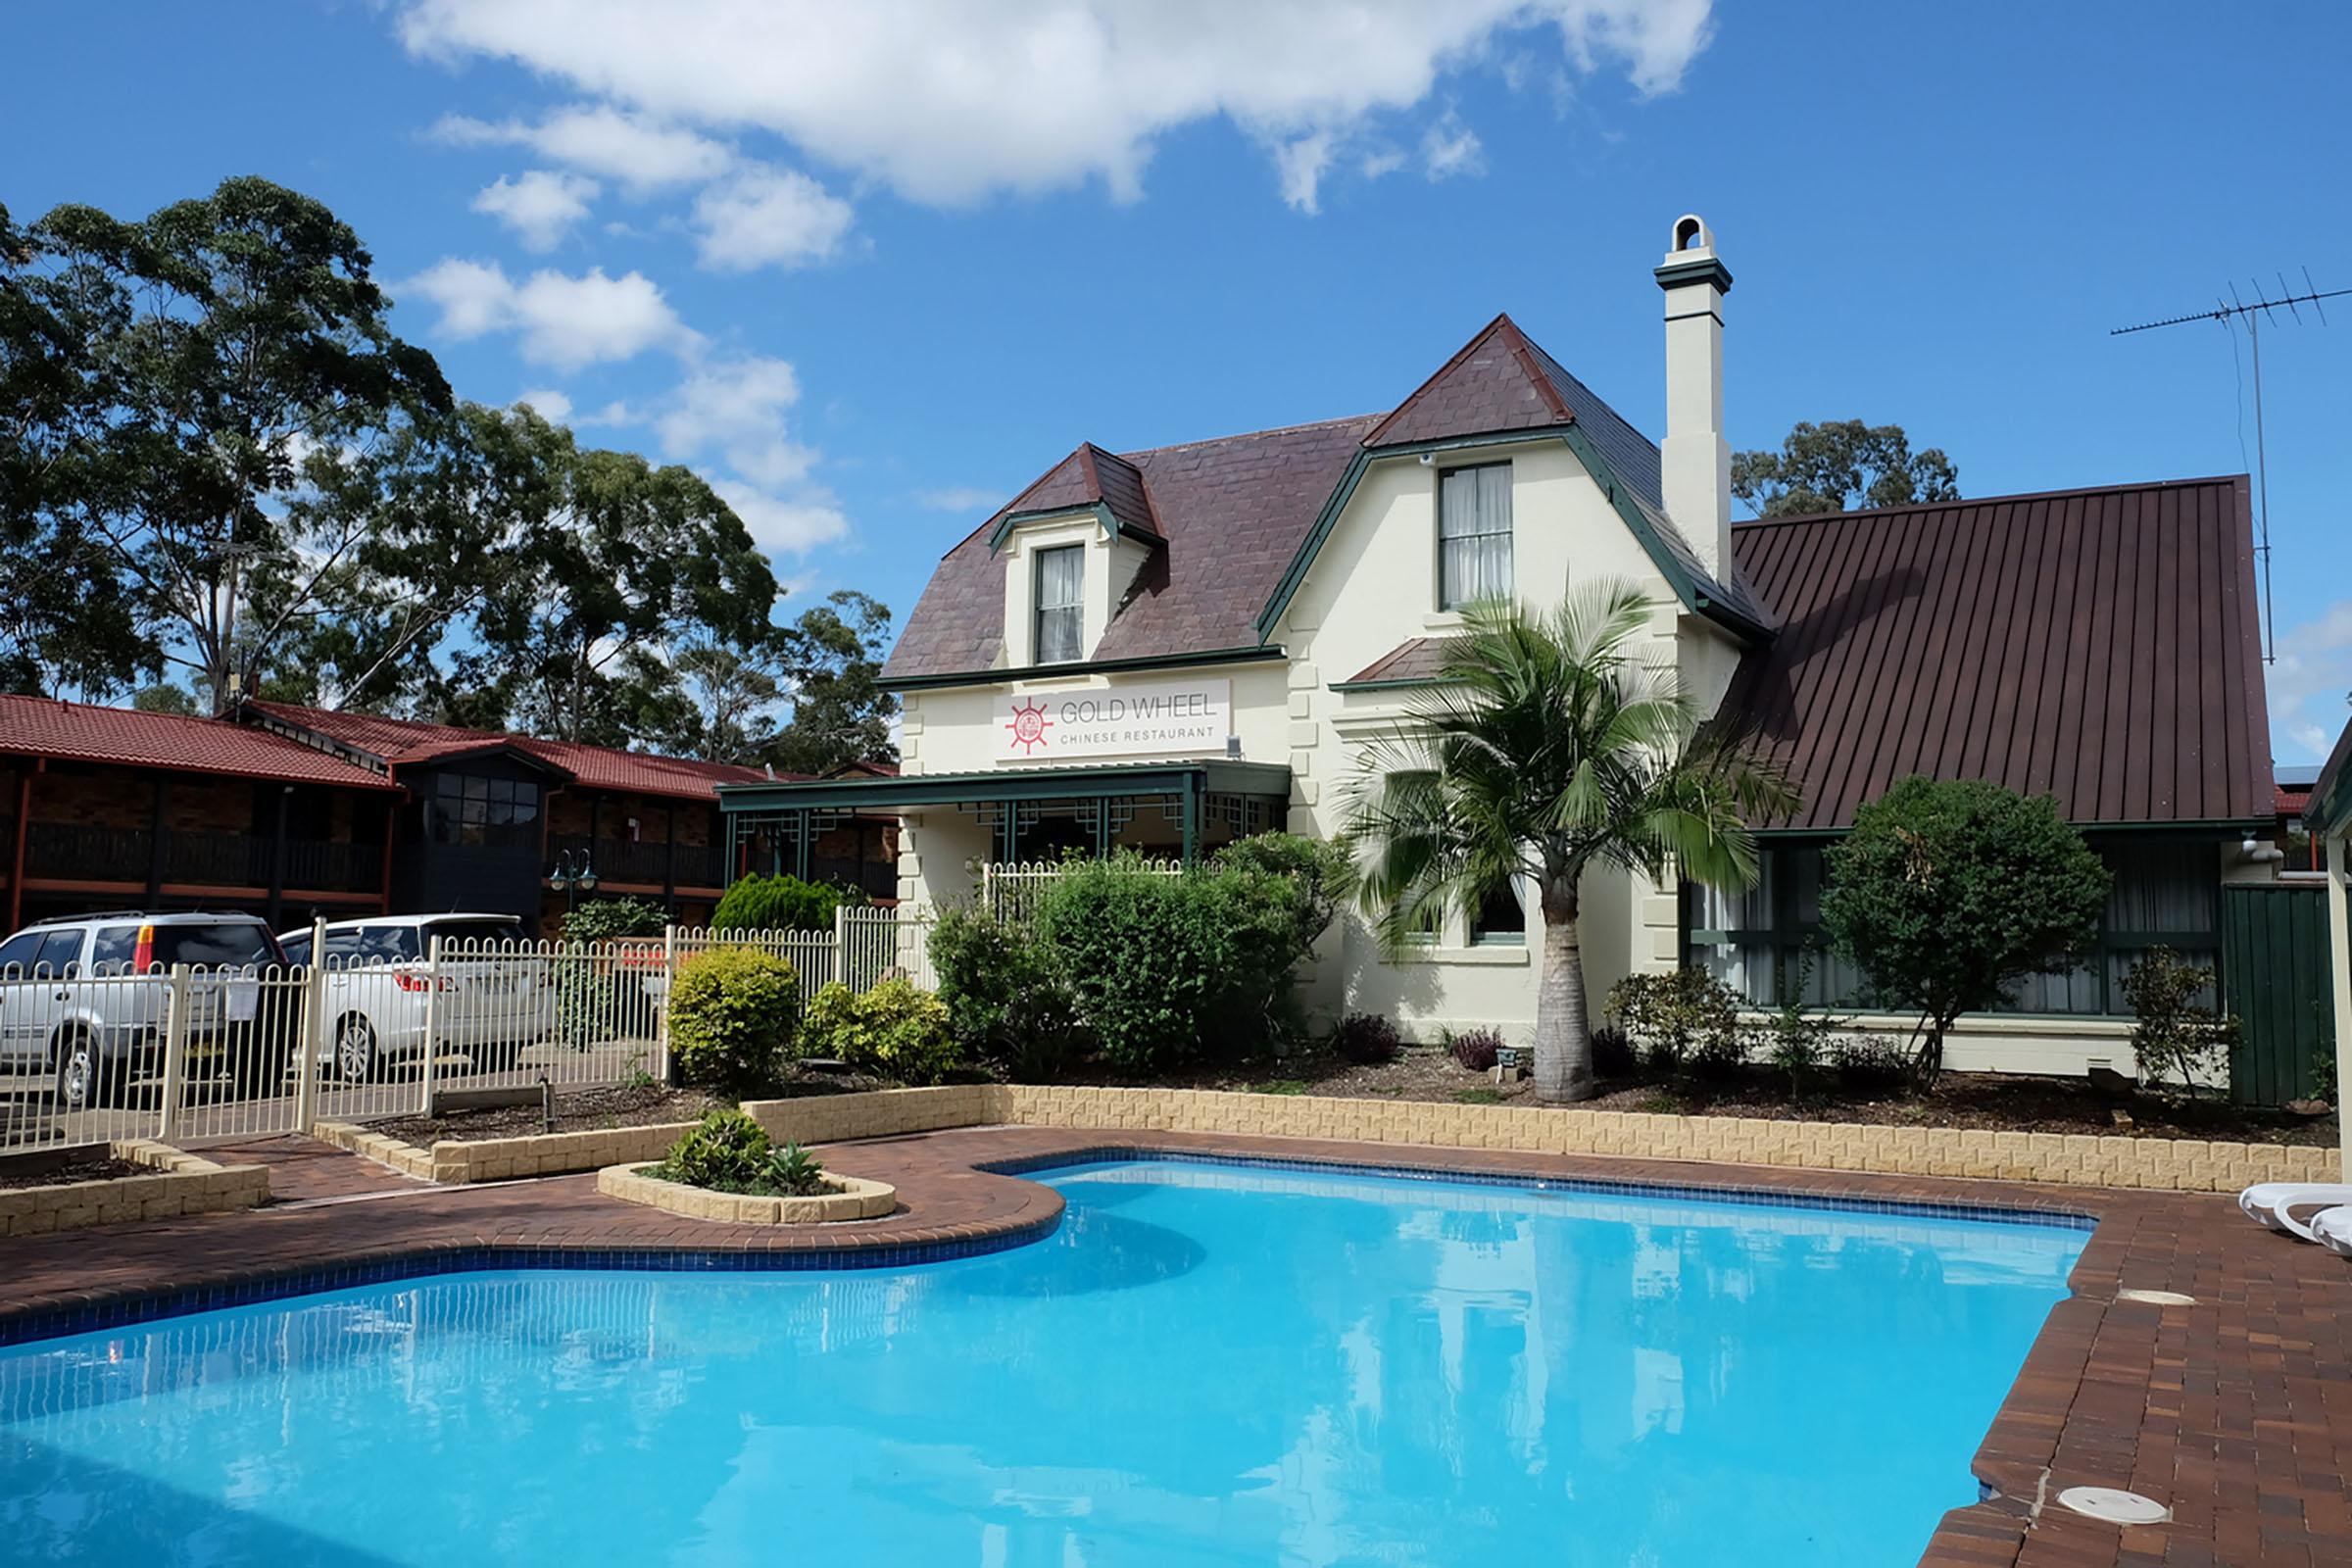 Maclin Lodge Outdoor Pool